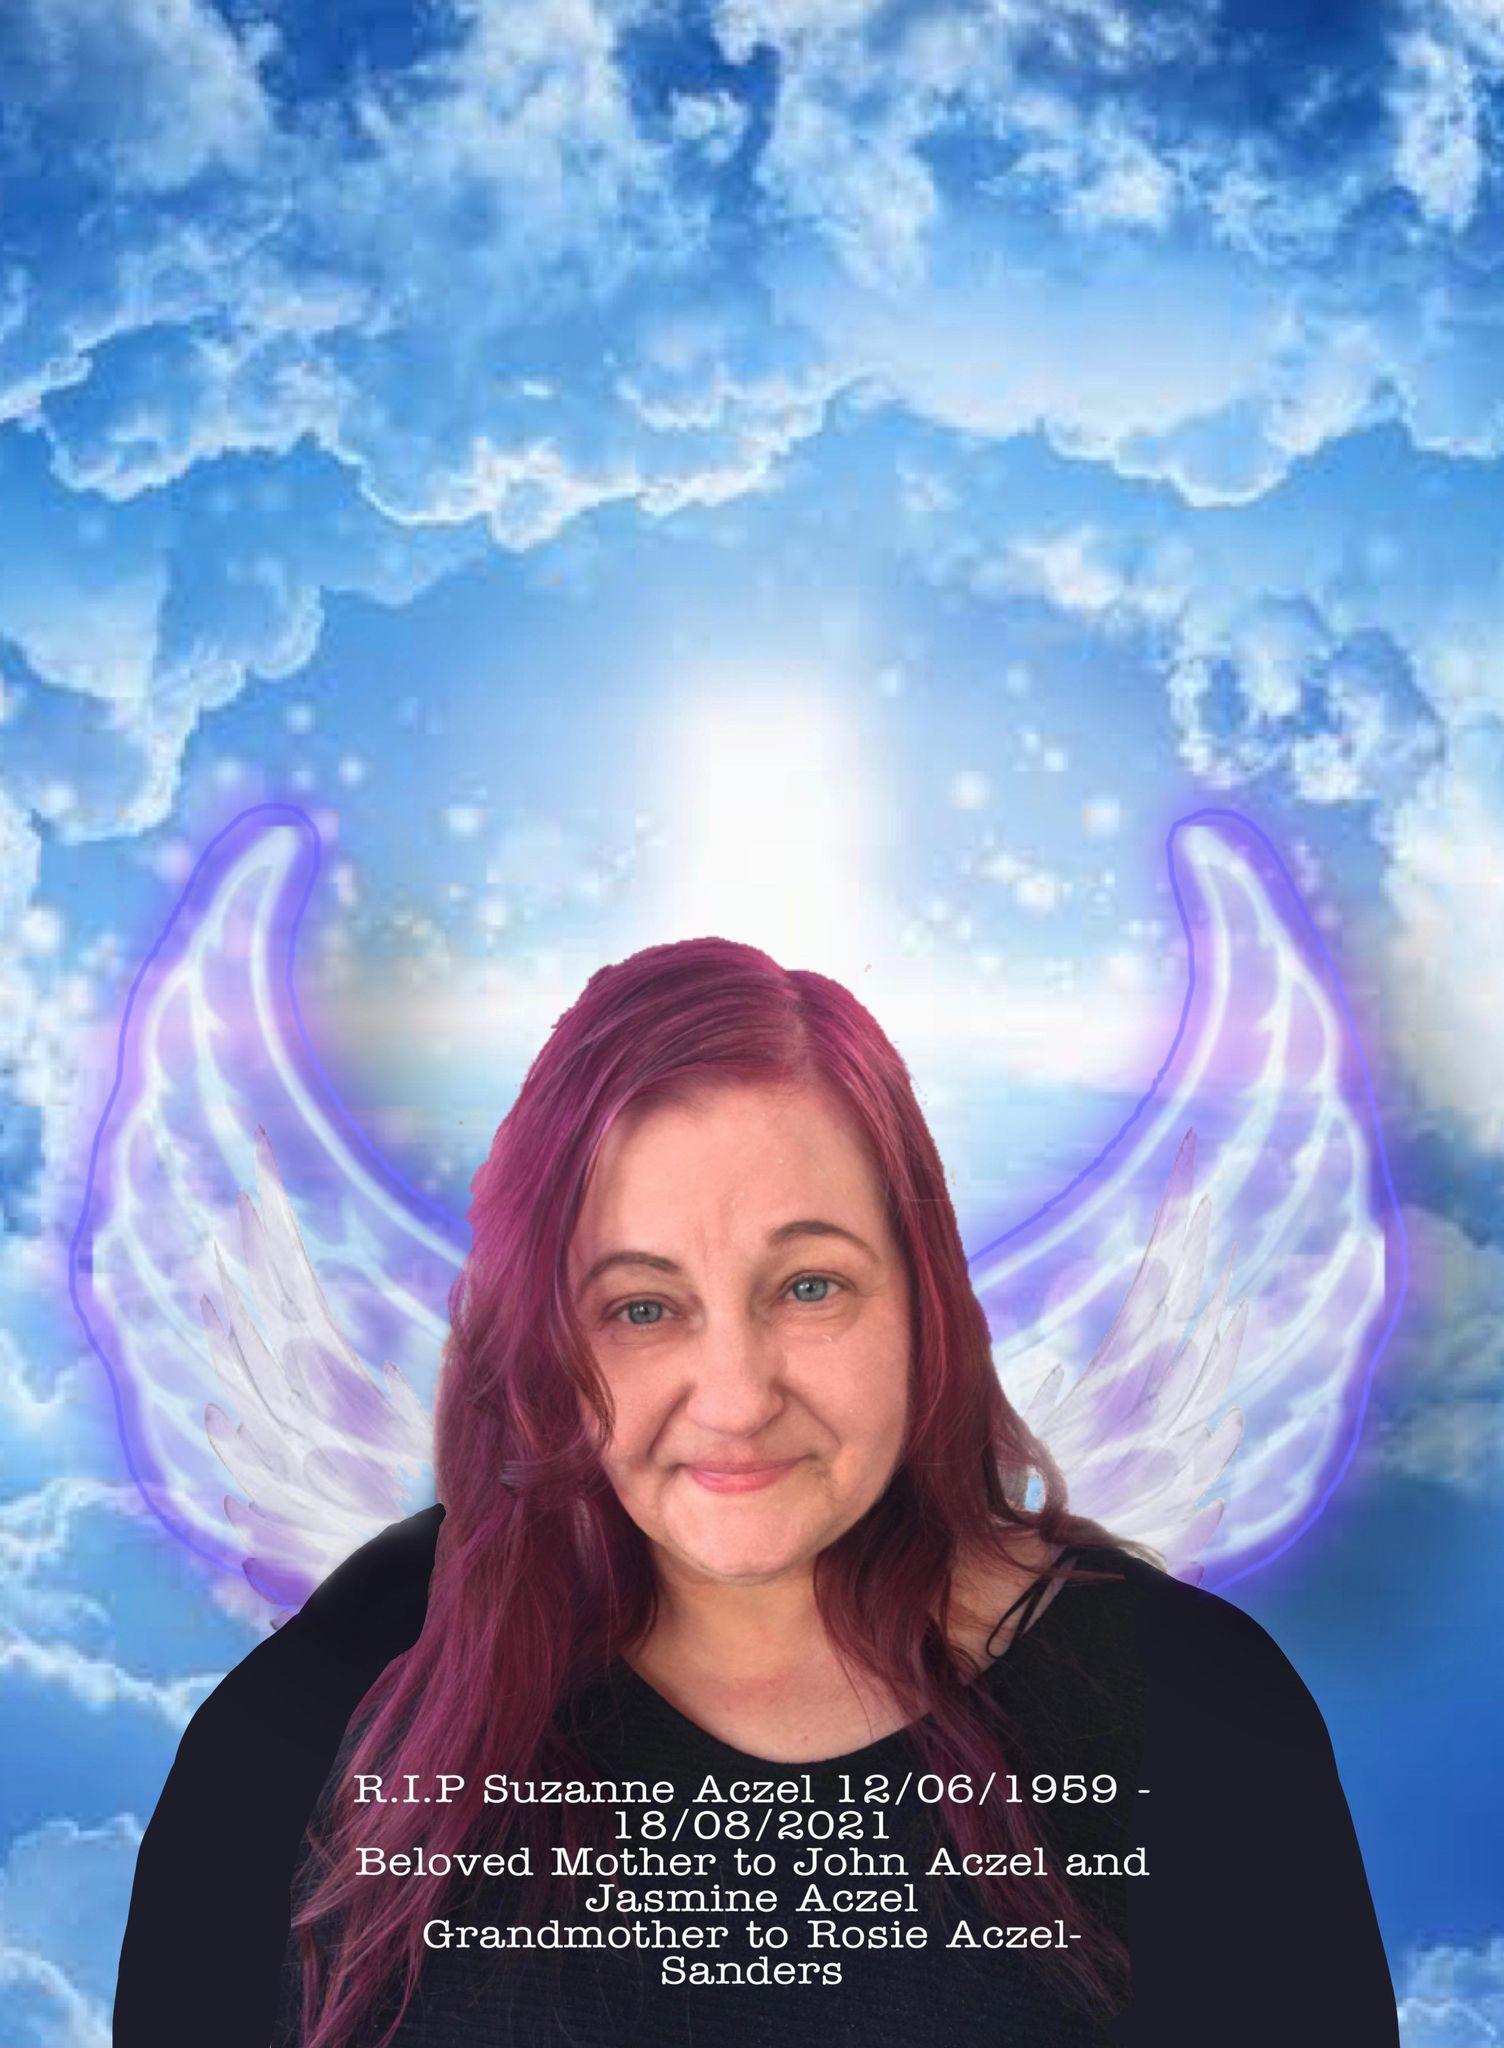 A Tribute for Suzanne Elizabeth ACZEL by Tom Aczel